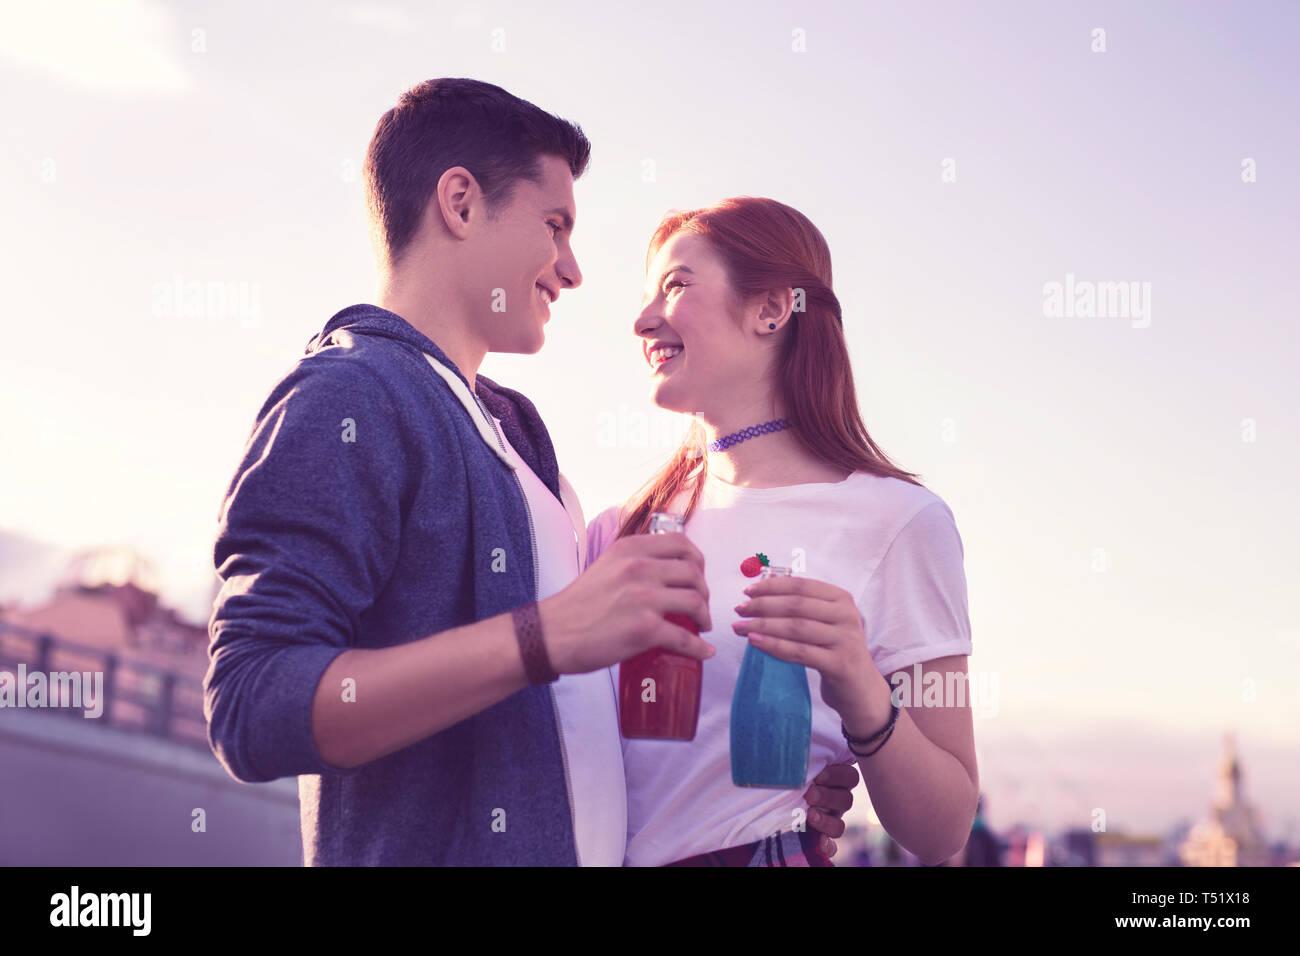 Alegre emocionado pareja joven expresando sus sentimientos el uno al otro Foto de stock